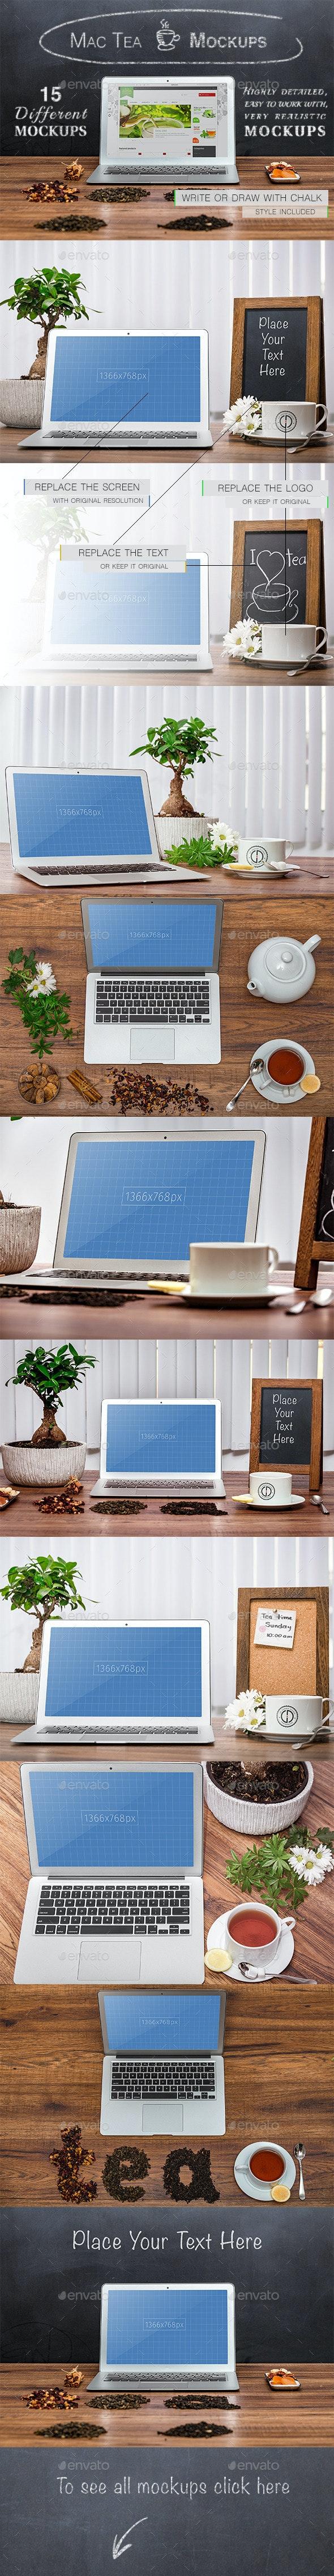 15 Mac-Tea Mockups - Laptop Displays